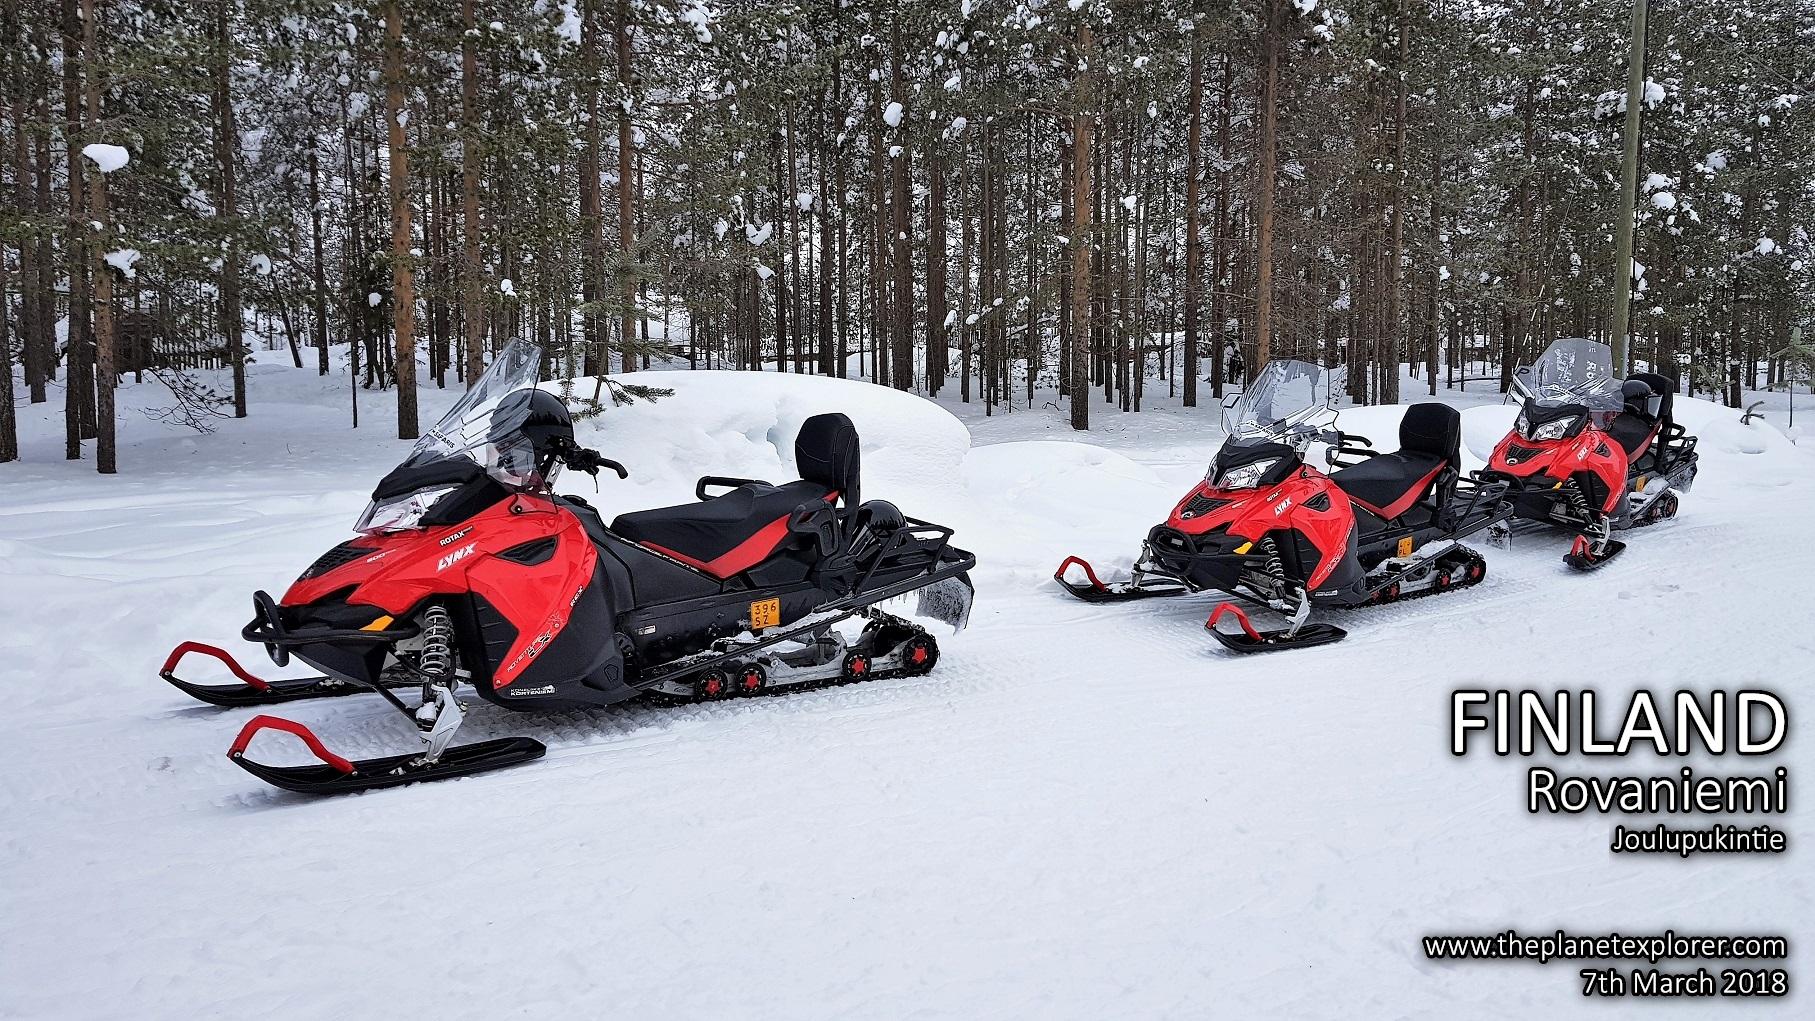 20180307_1224_Finland_Rovaniemi_Joulupukintie 745_Snowmobile_Samsung Note 8_LR_@www